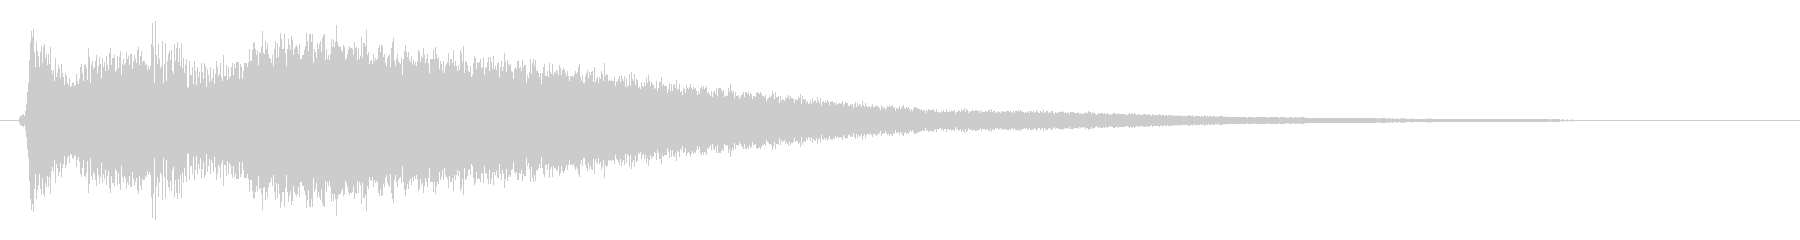 キラーン(キラキラ系)の未再生の波形